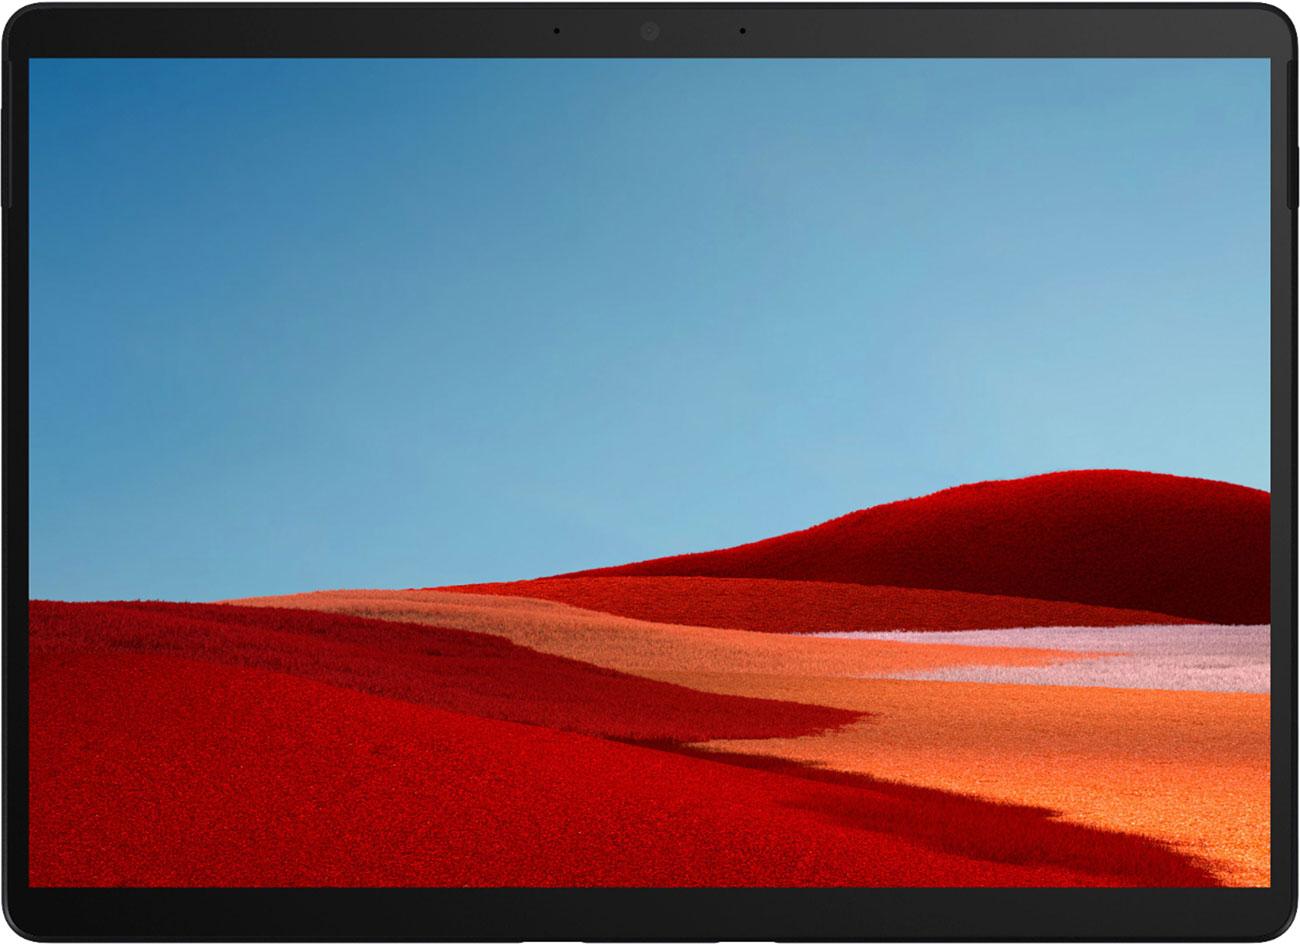 Microsoft Surface Pro X Matte Black 13     Tablet Microsoft SQ 2 16GB RAM 256GB SSD WiFi   LTE 1WT-00014